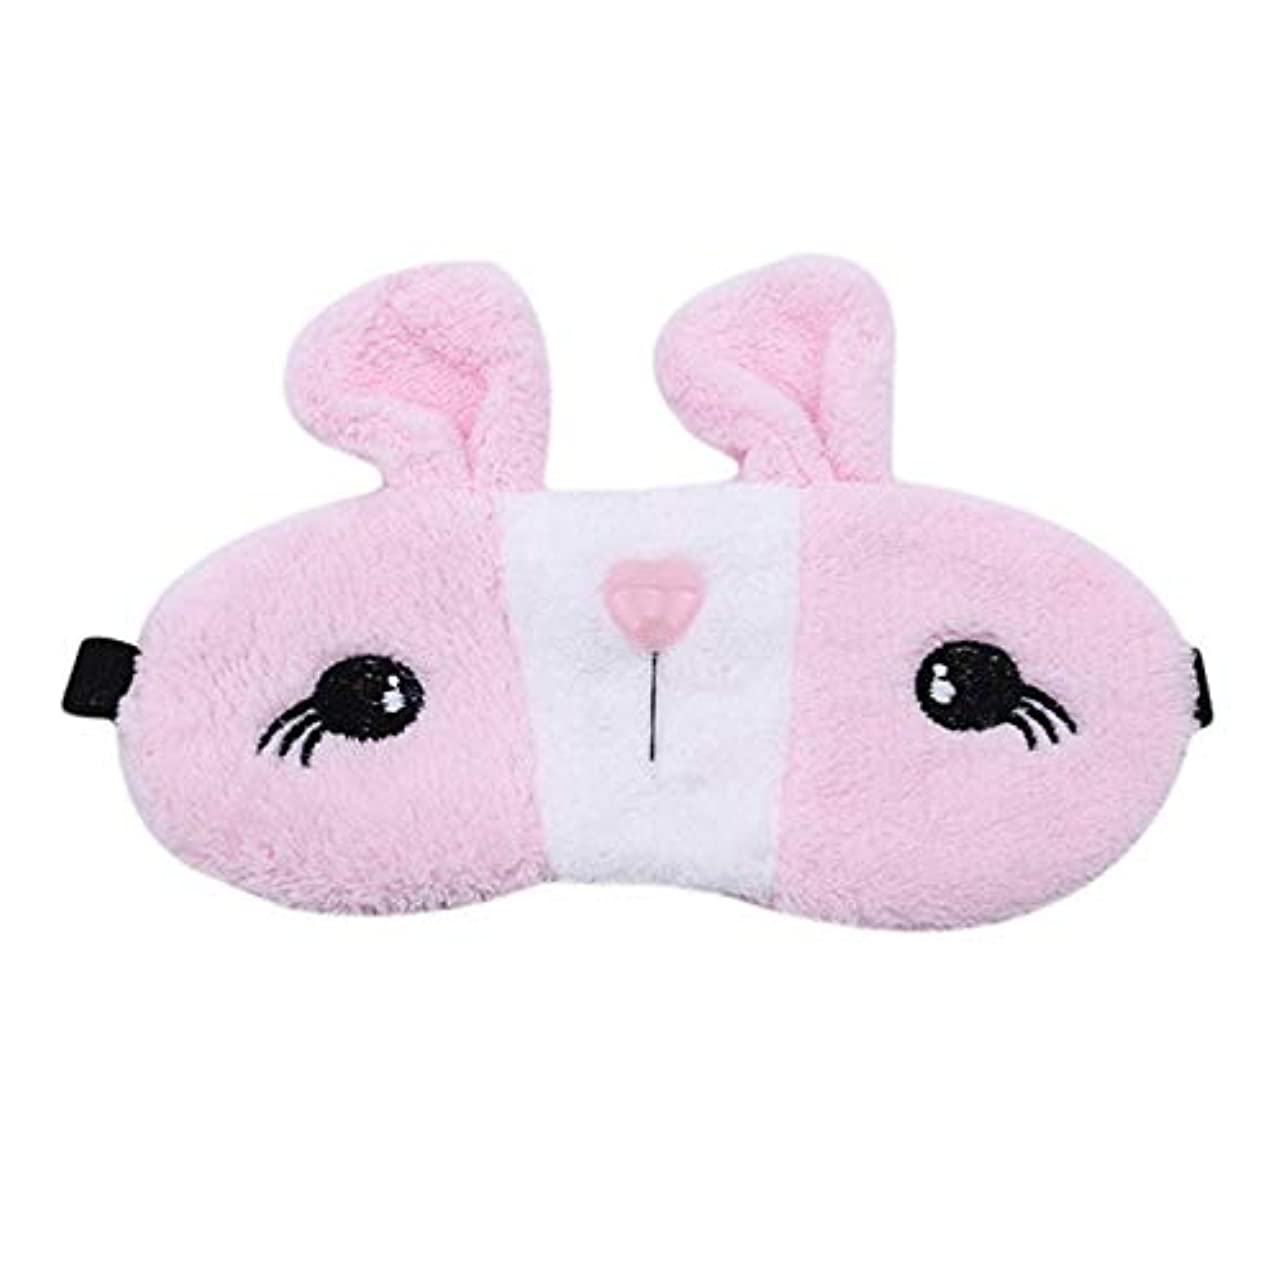 破産溶かす変装したNOTE 1ピースリラックスかわいいウサギ睡眠アイ睡眠マスクディープスリープアイパッチアイマスクアイケアツール